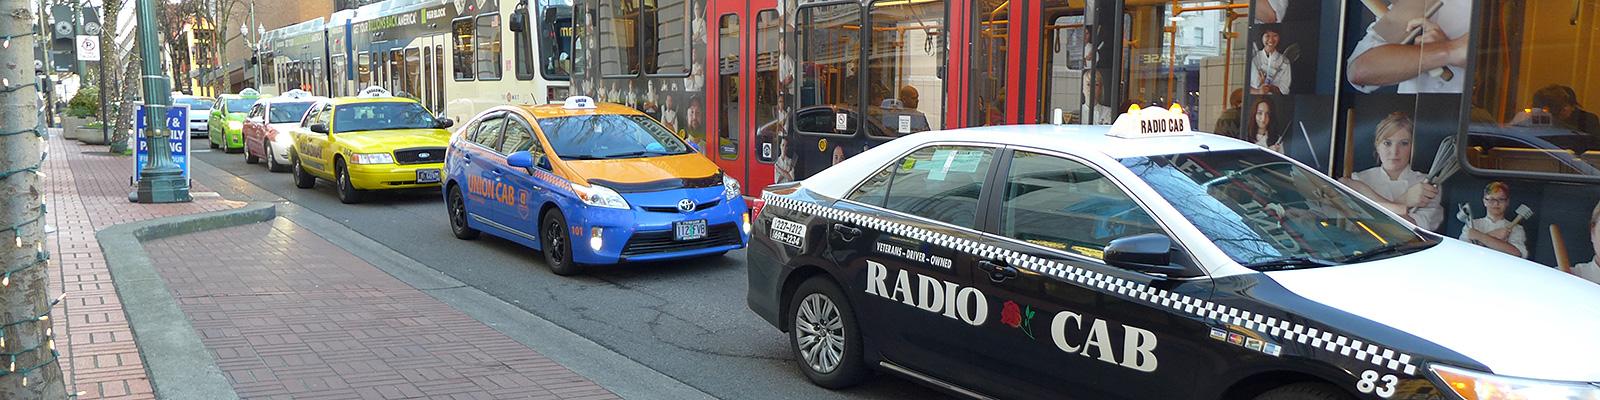 トヨタ タクシー